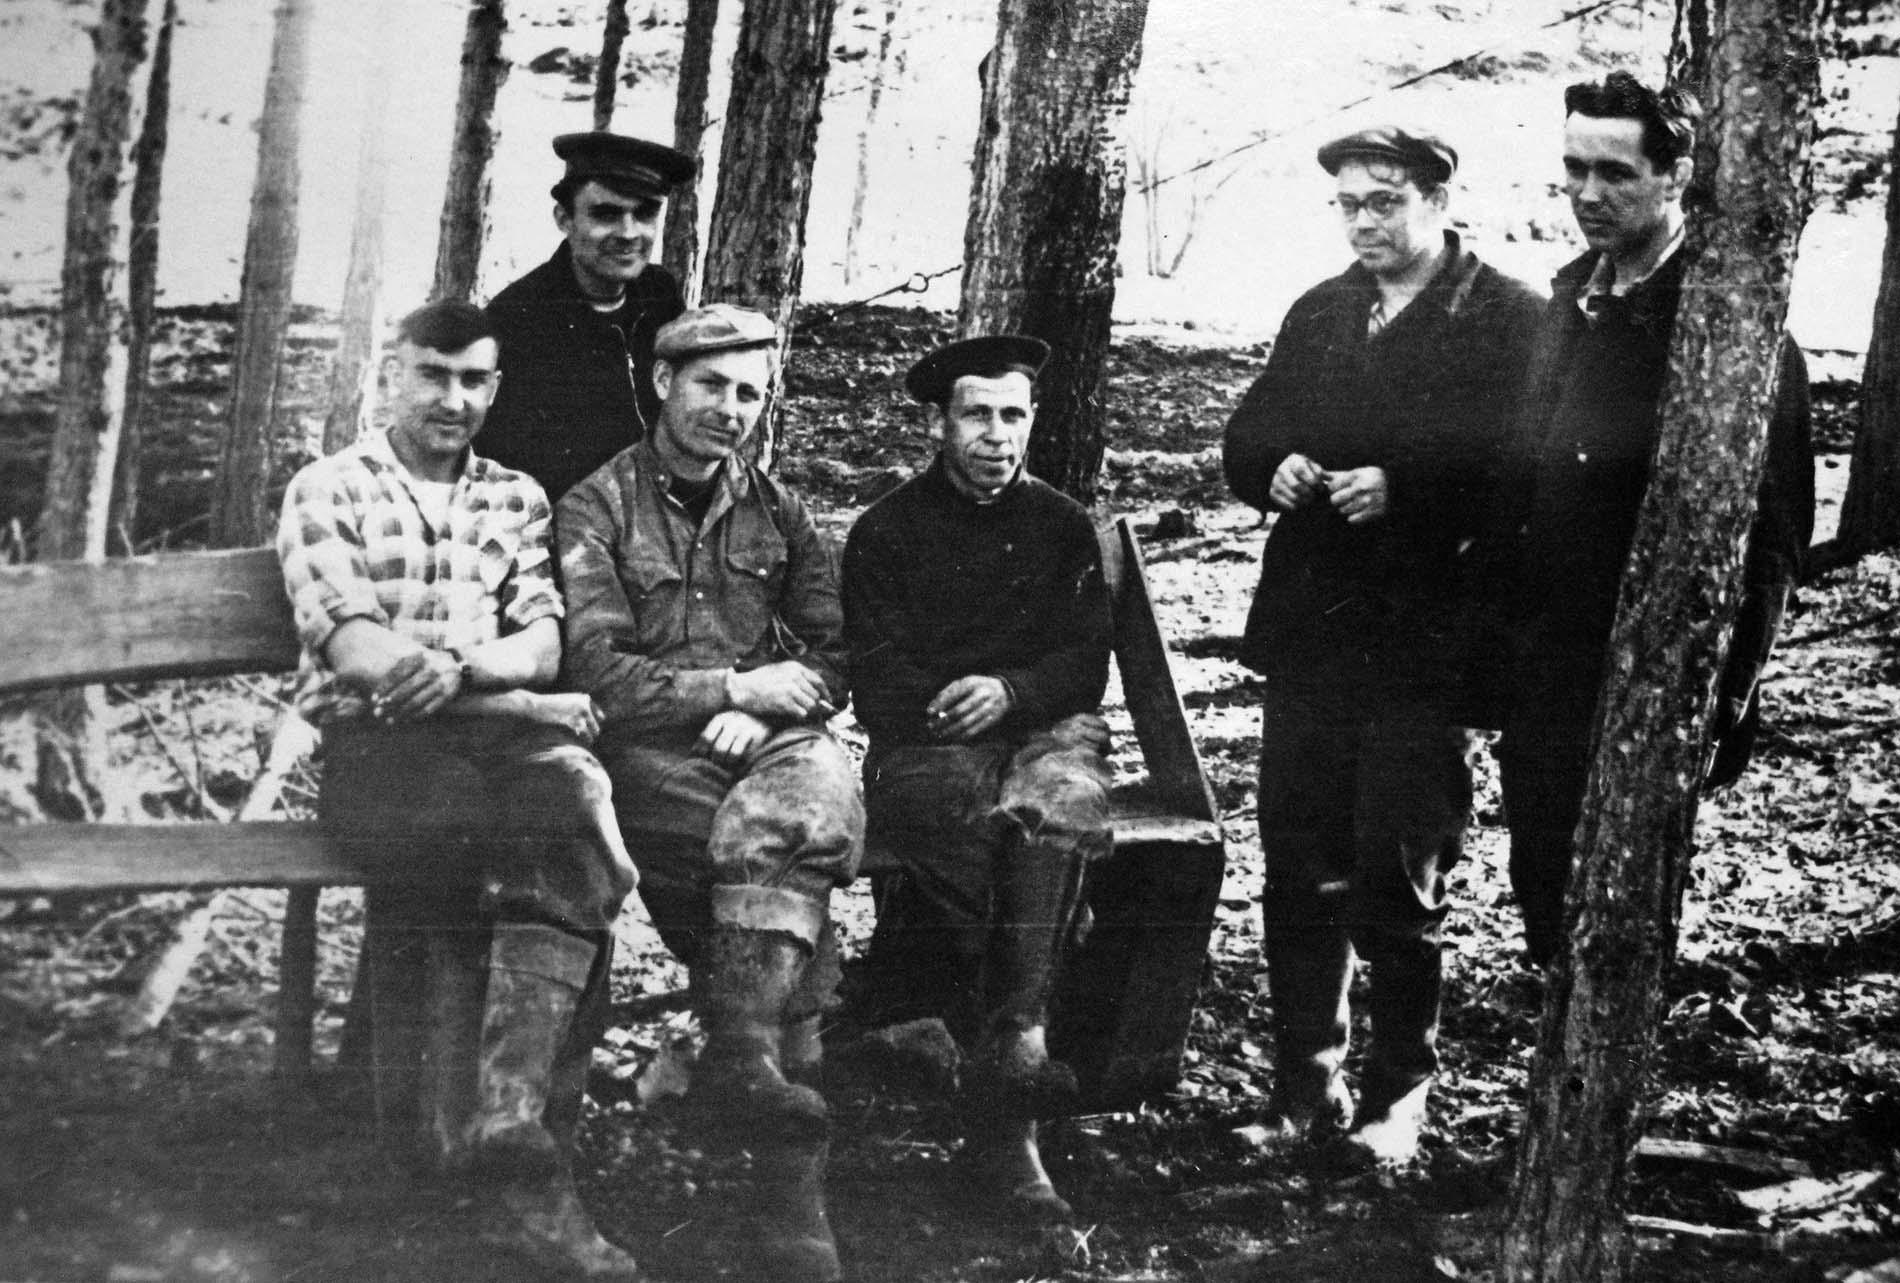 Бригадир Иван Горбанович (крайний слева) со своей бригадой трубопроводчиков